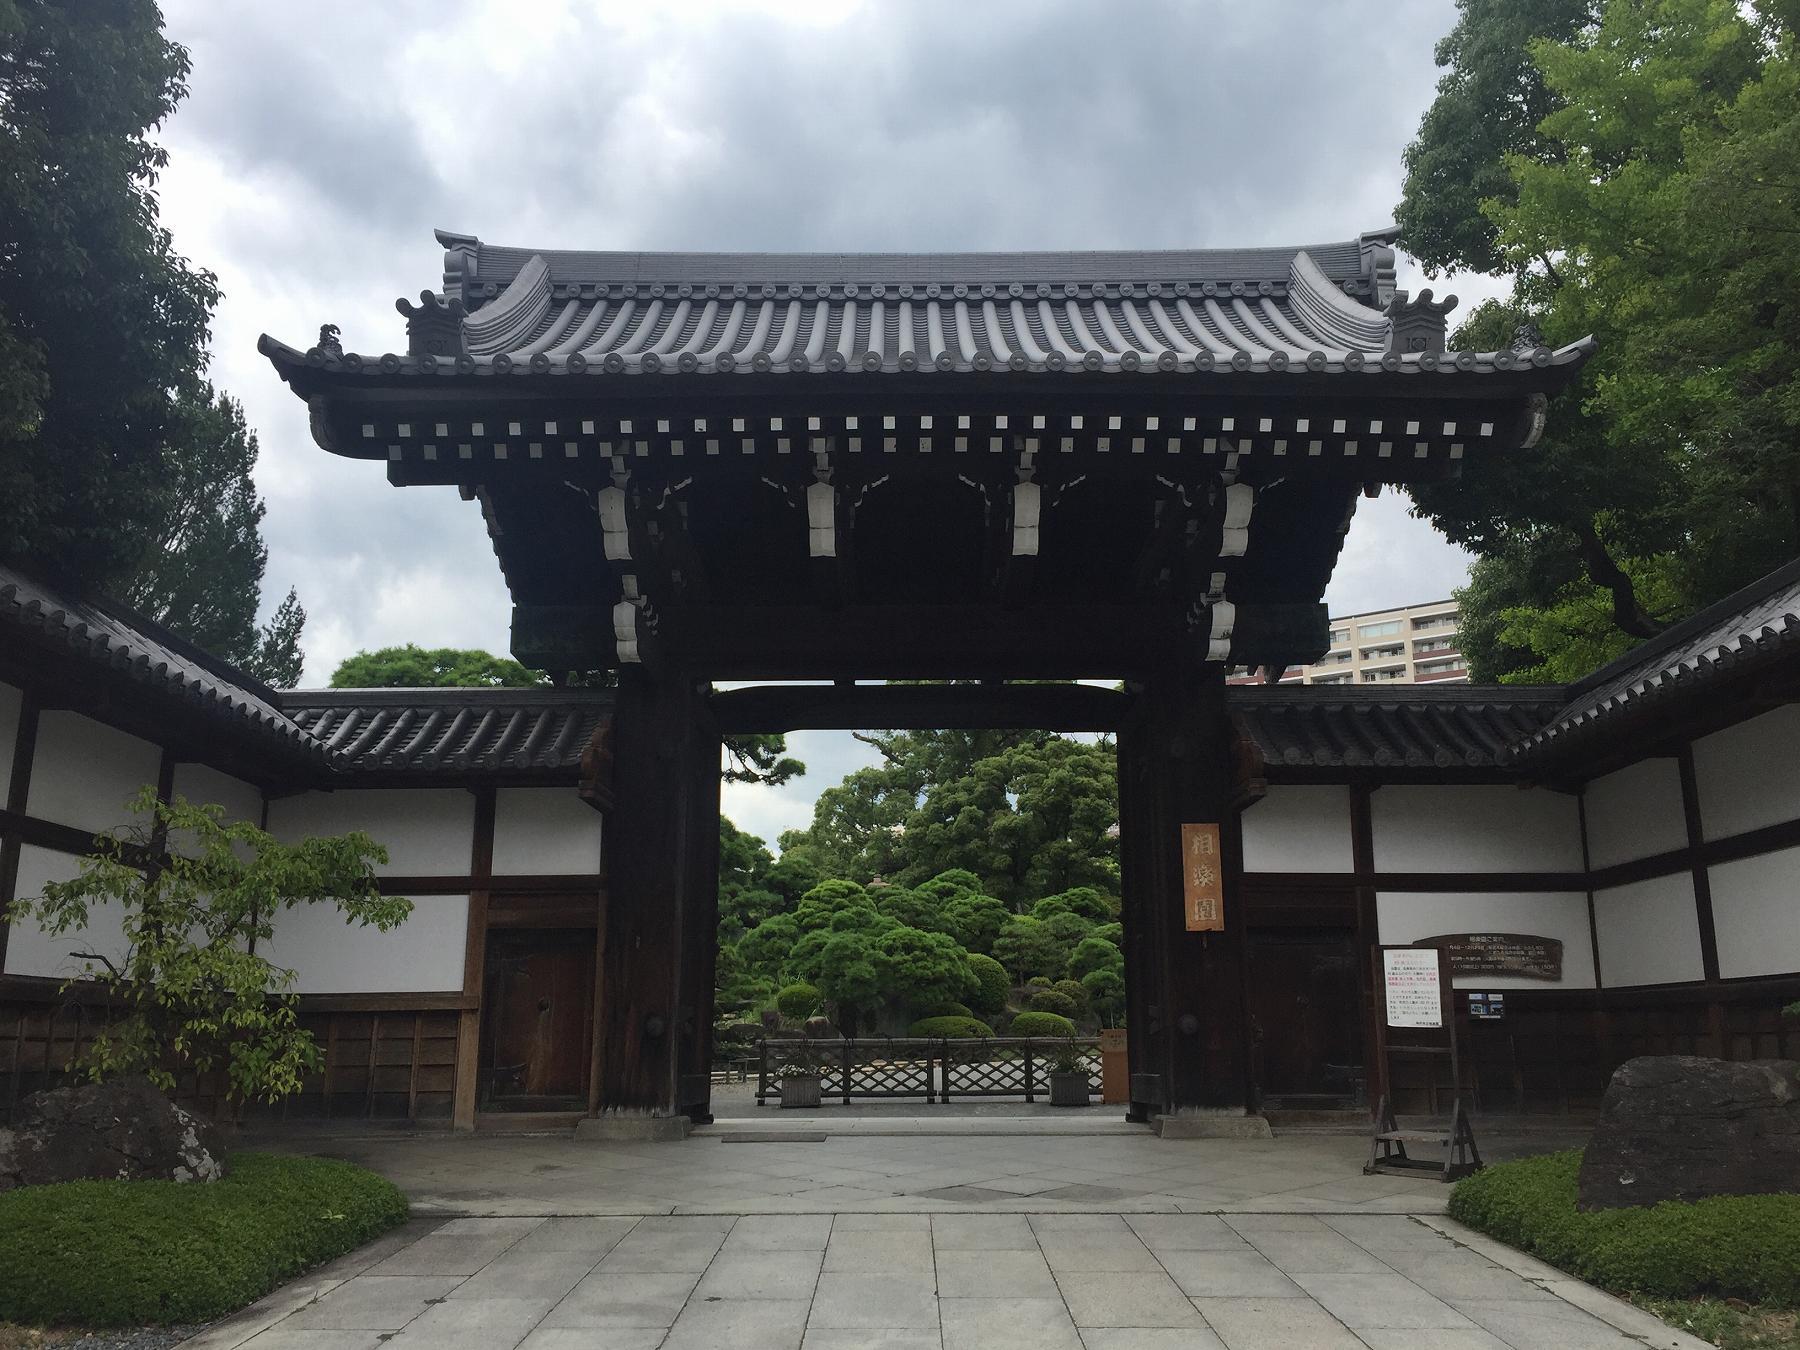 神戸市立相楽園で4月21日~5月6日に「つつじ遊山」が開催されるよ! #神戸市立相楽園 #旧ハッサム住宅 #旧小寺家厩舎 #近代建築